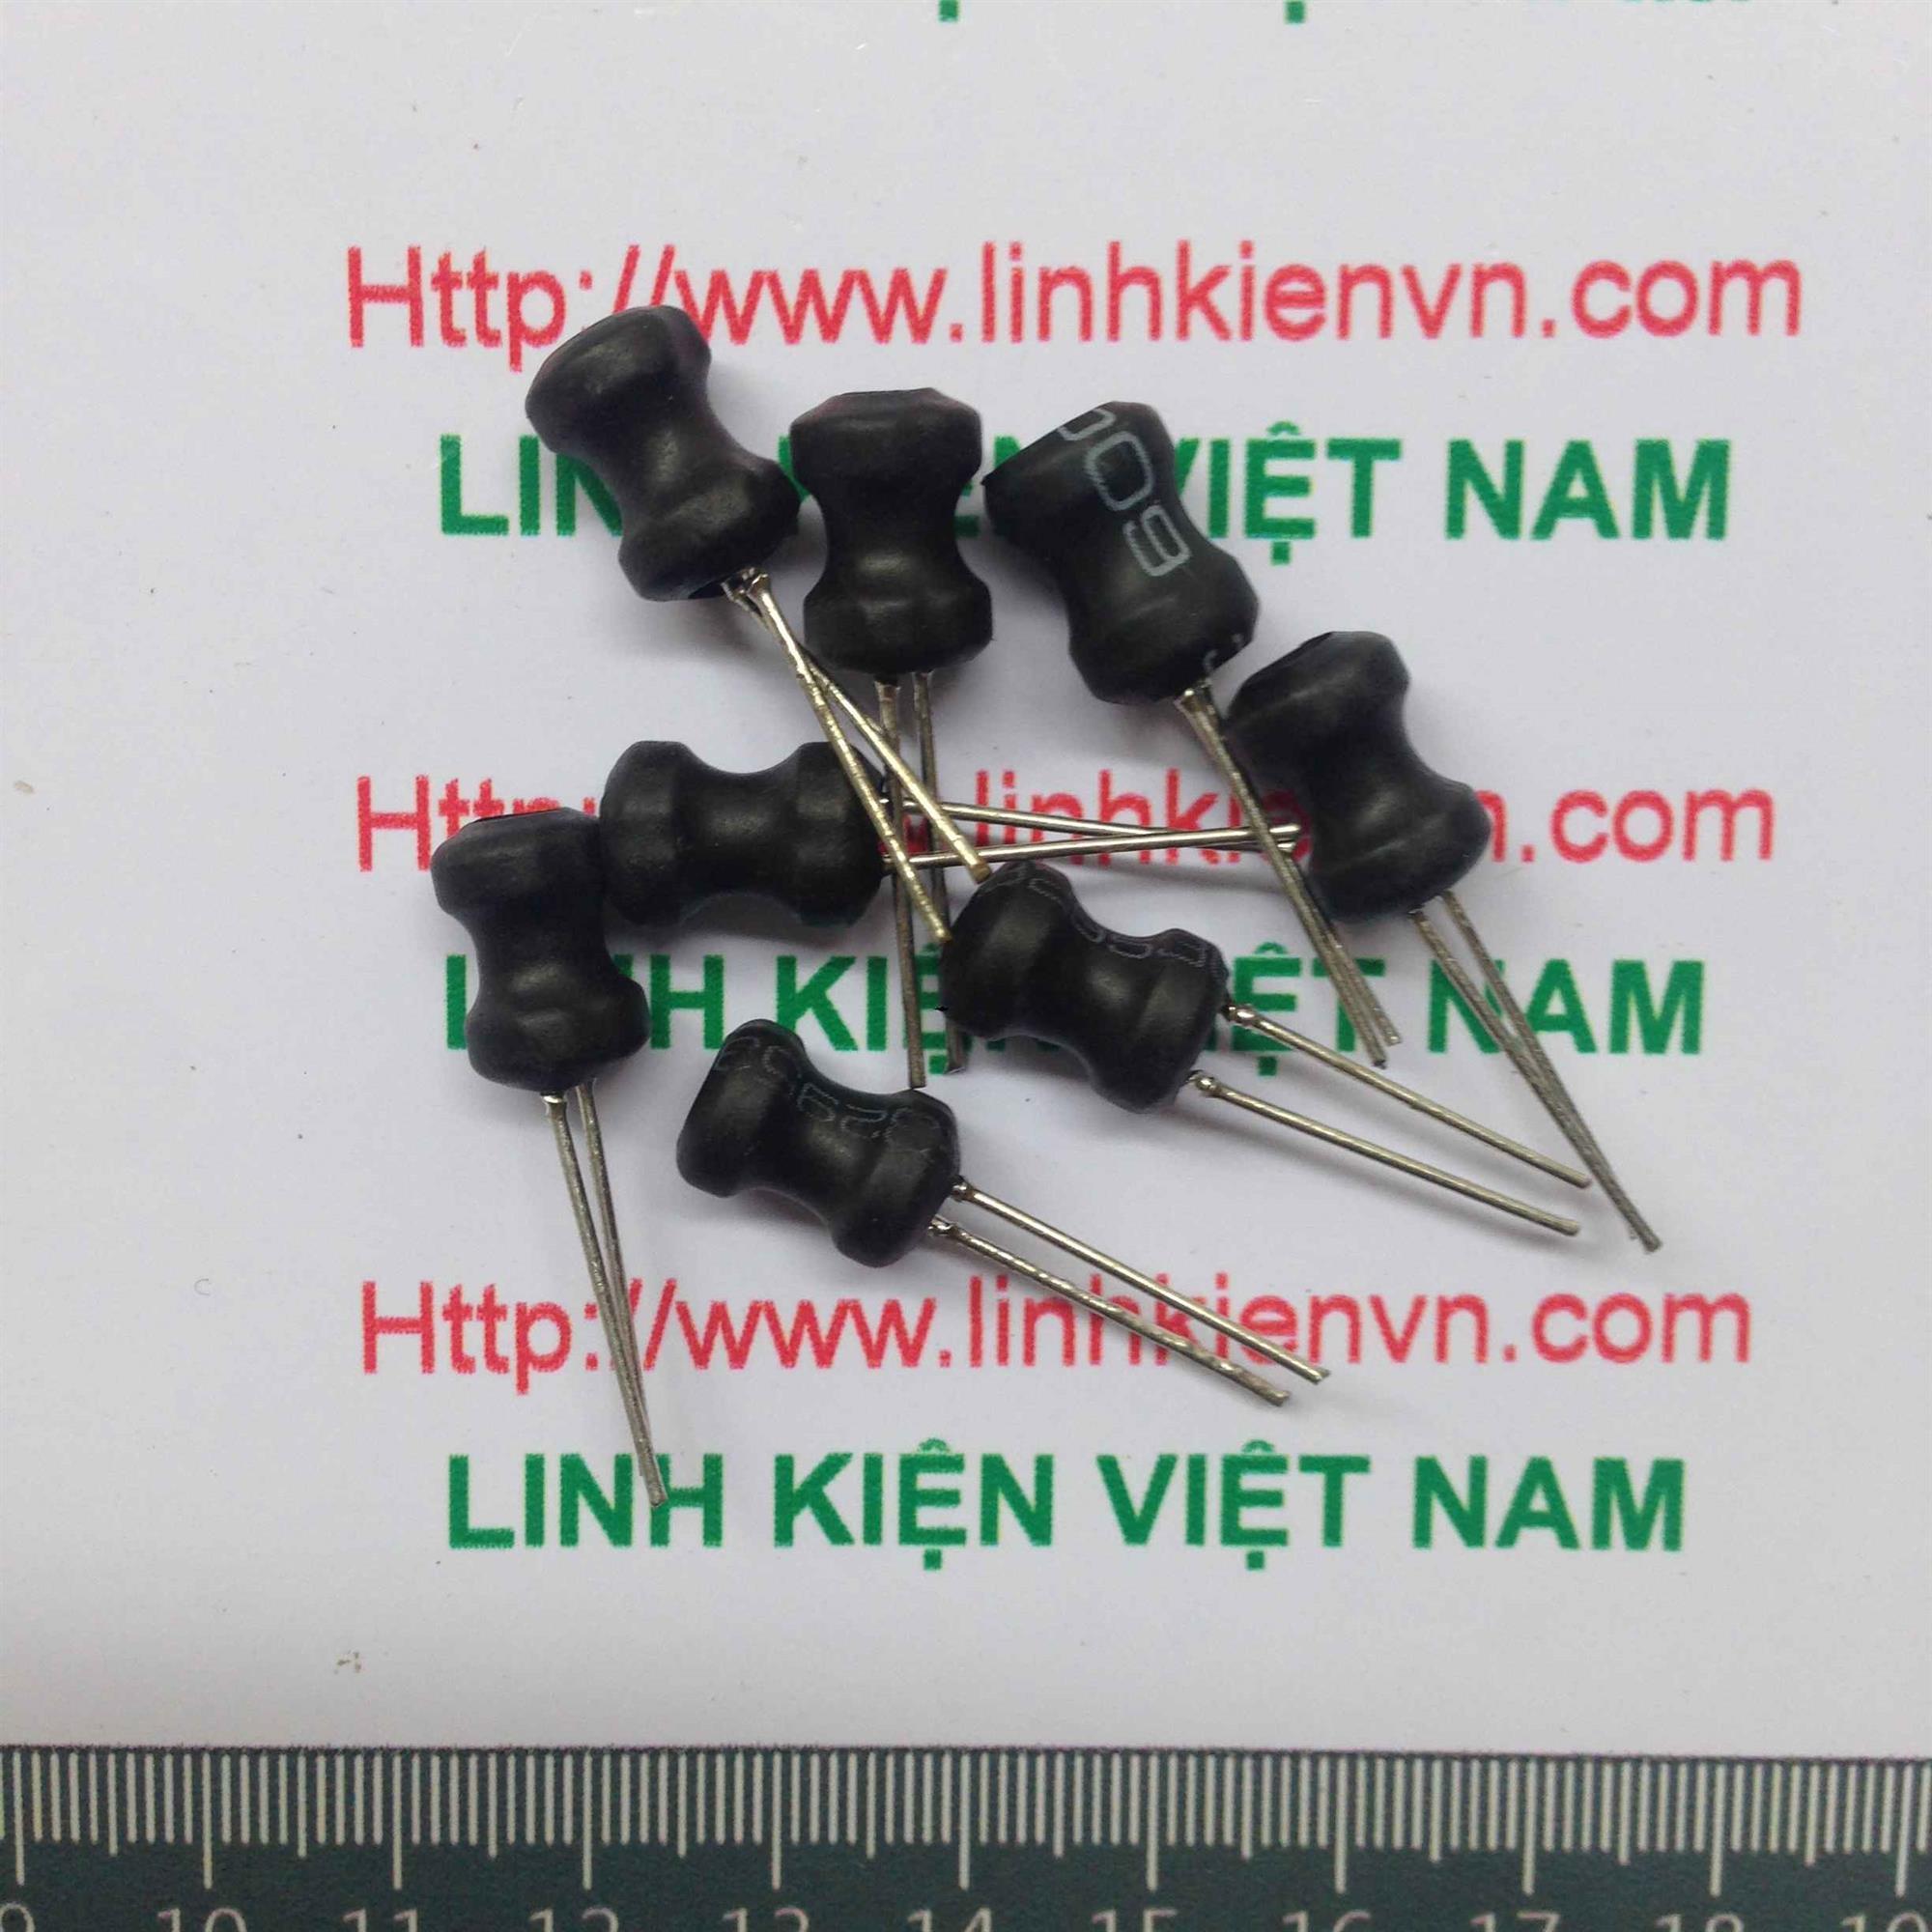 Cuộn cảm 6x8 100uF - B9H1